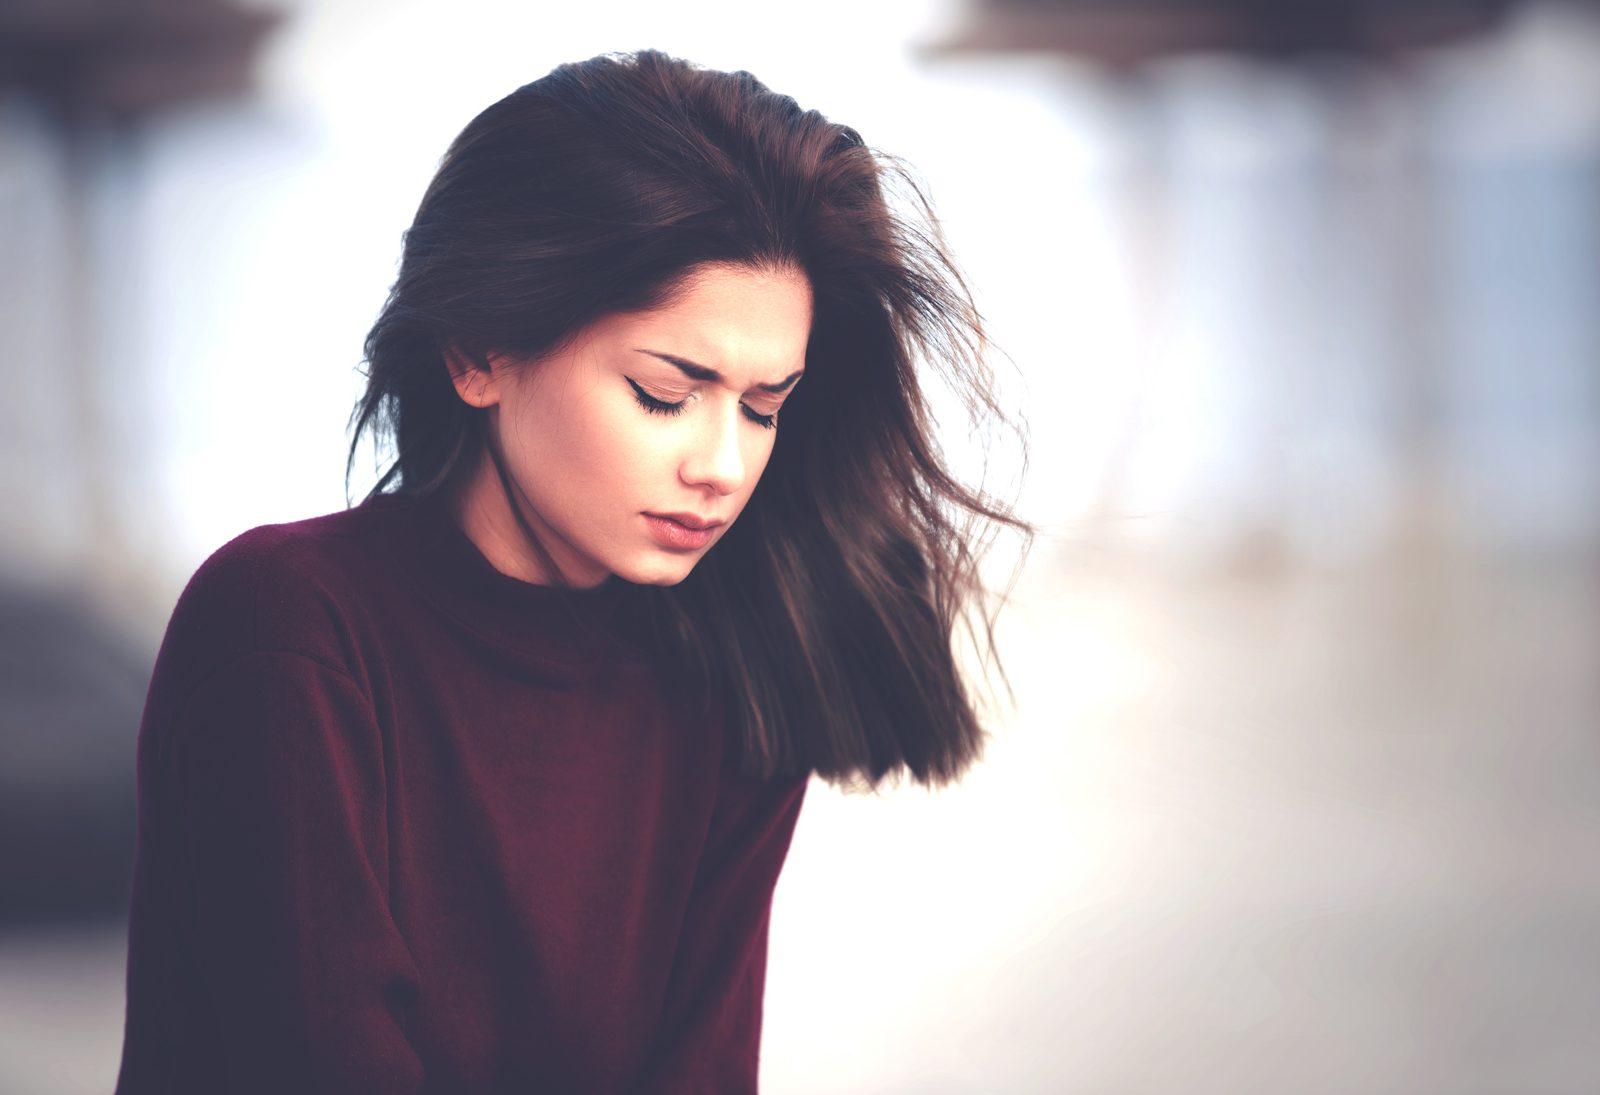 【不倫の清算5】「仮面妻」の孤独。40代女性がハマるニセの愛